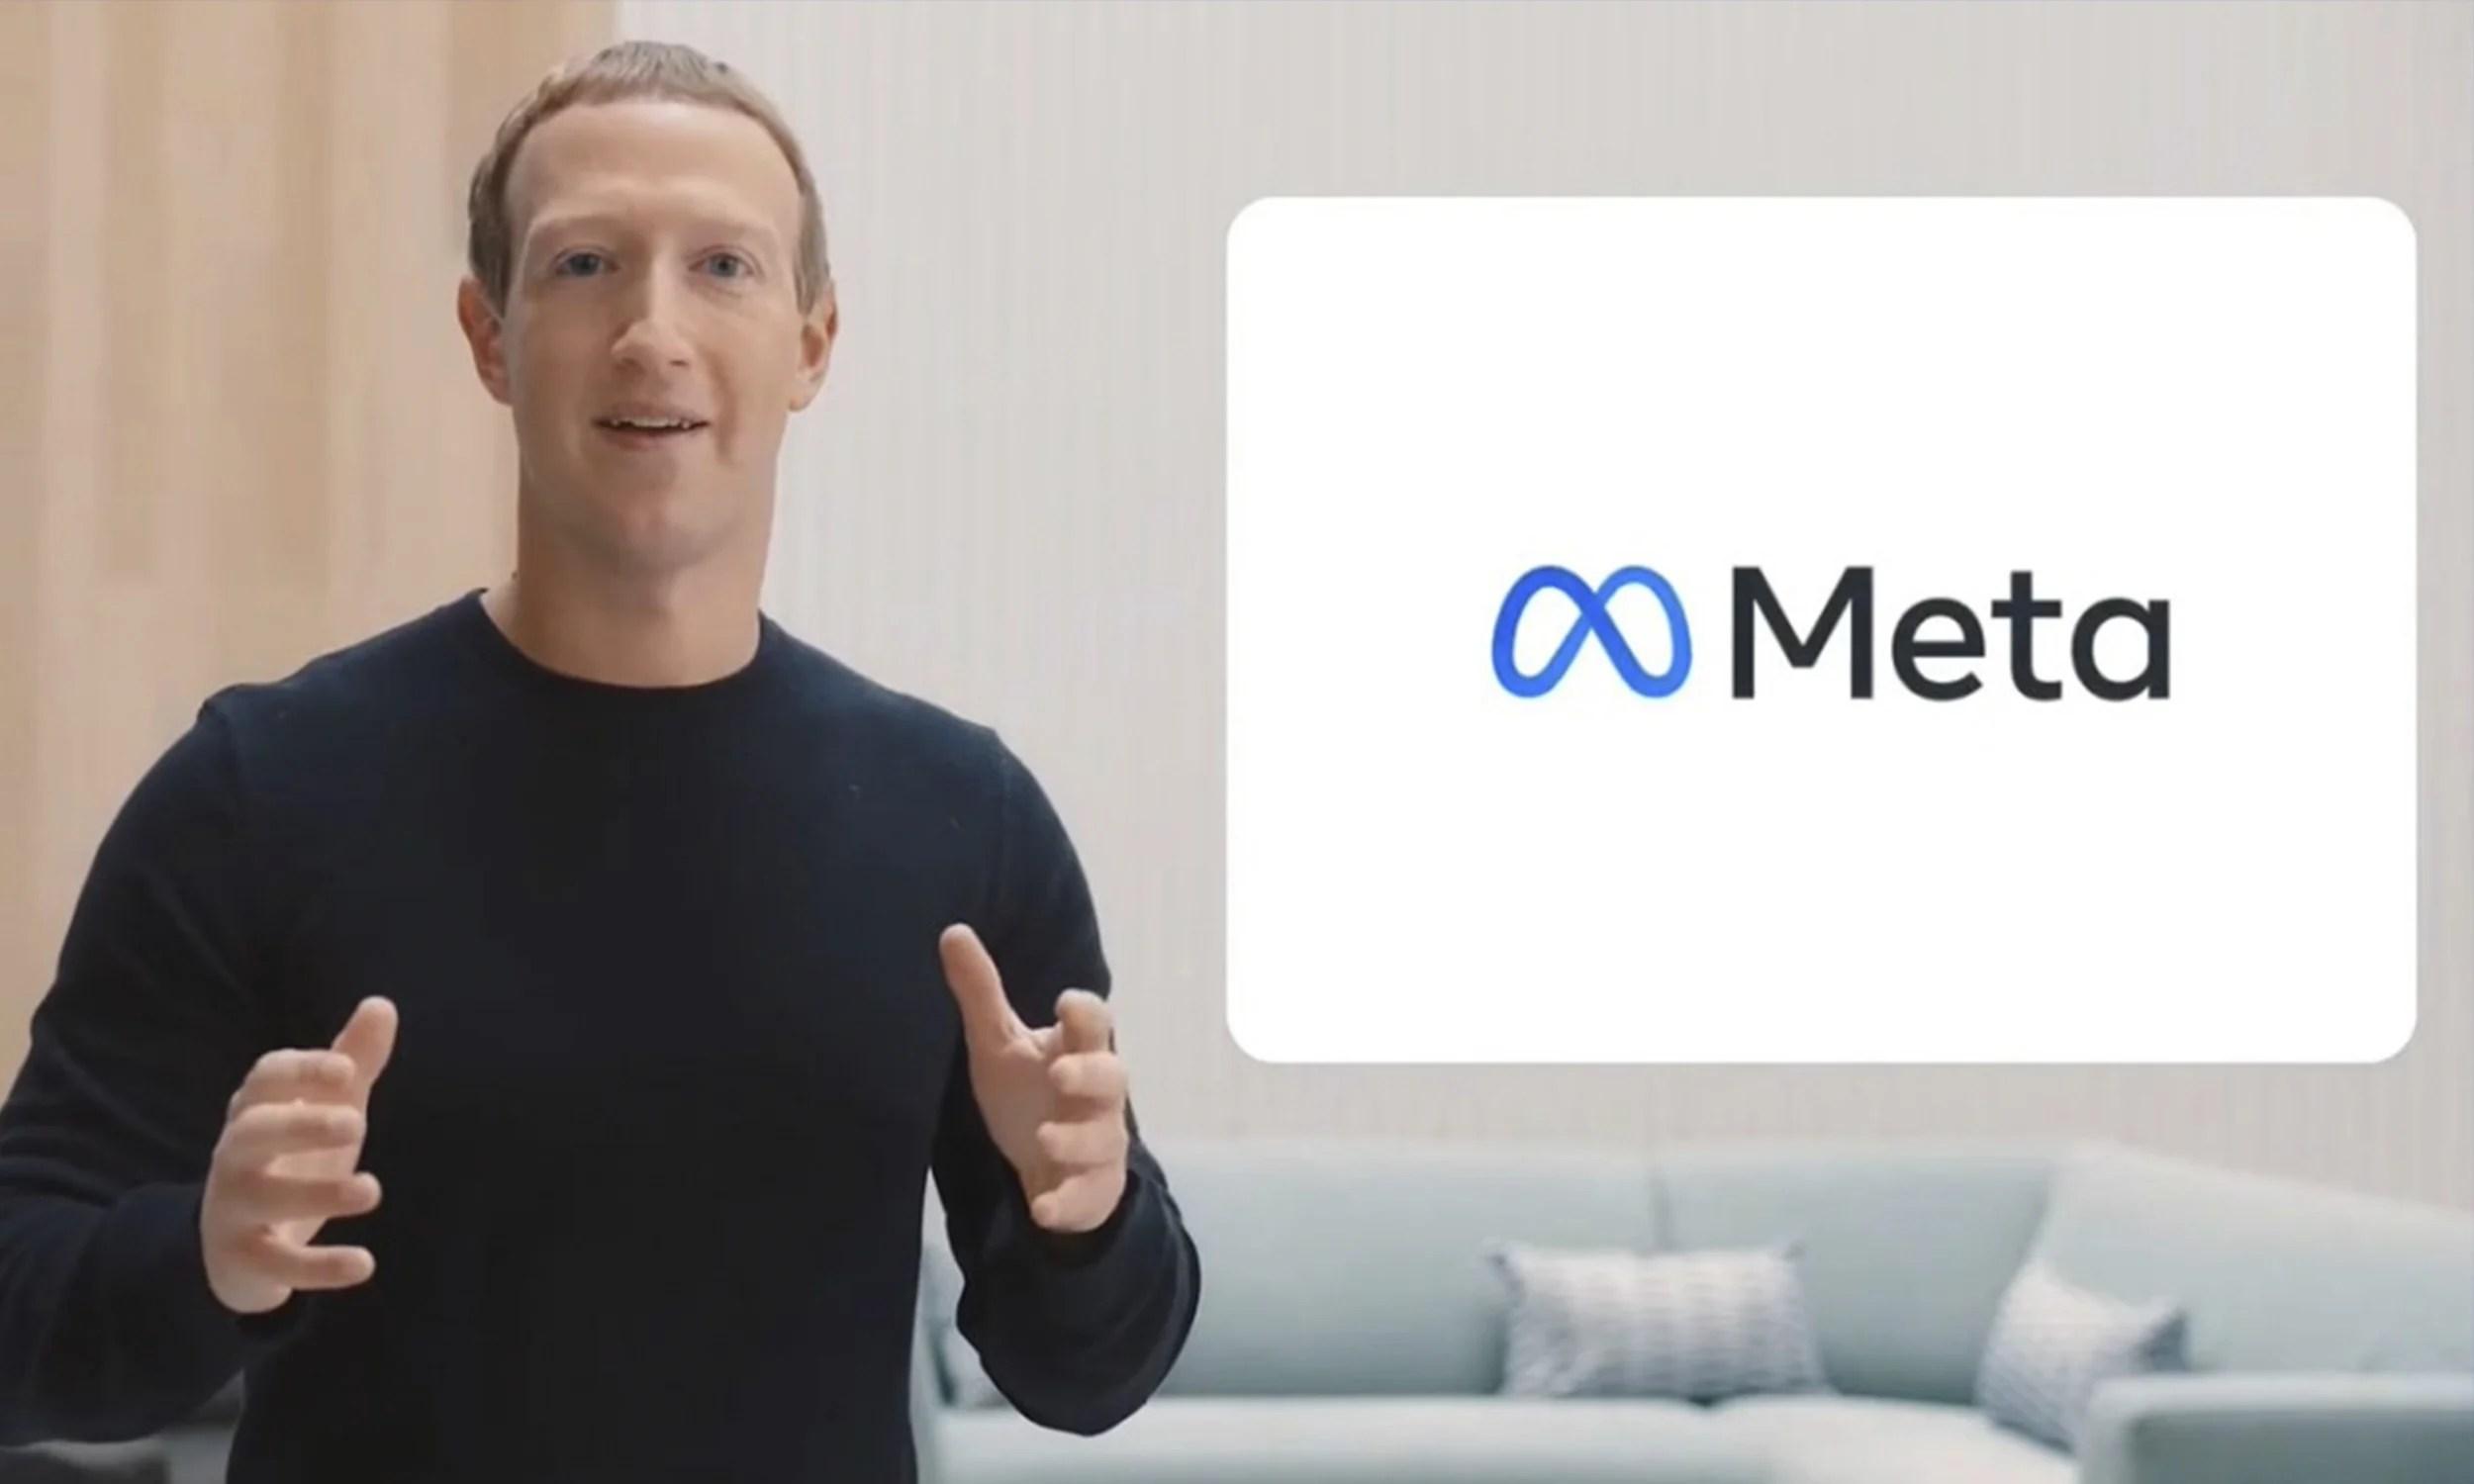 Adieu Facebook, Mark Zuckerberg annonce le lancement de Meta